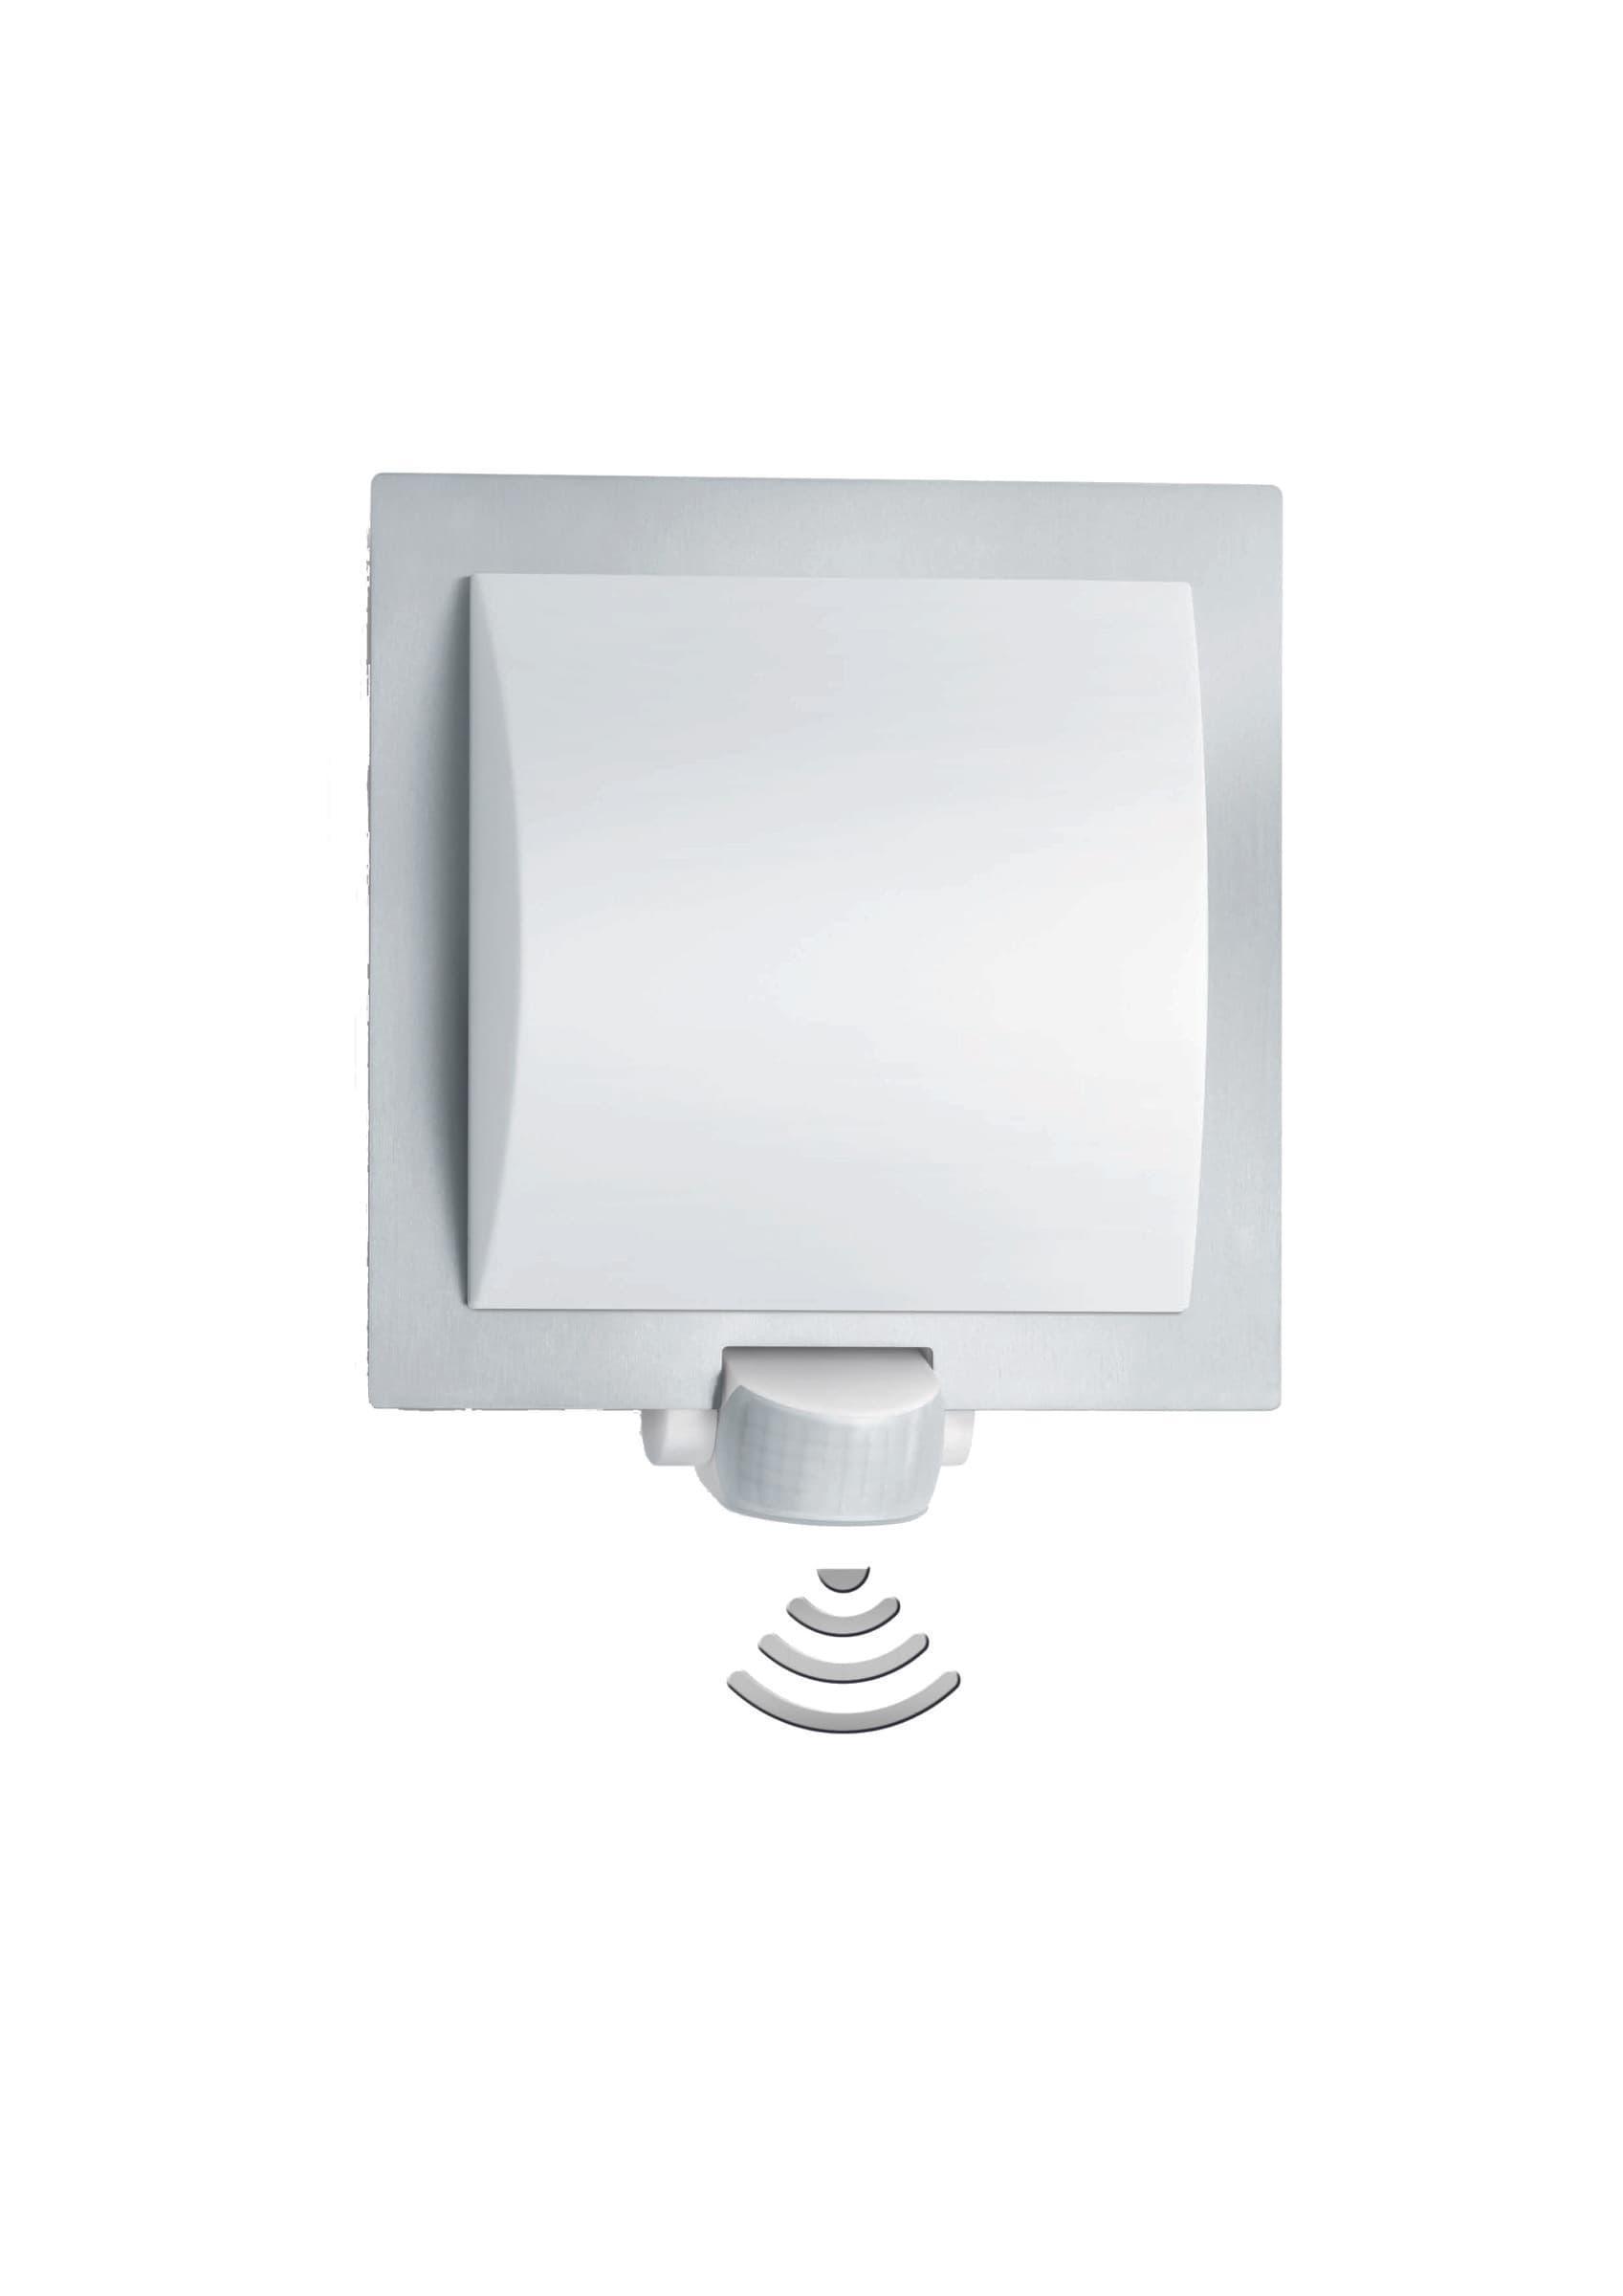 Lampada da parete per esterno a sensore L 20S Lampada da parete per esterno